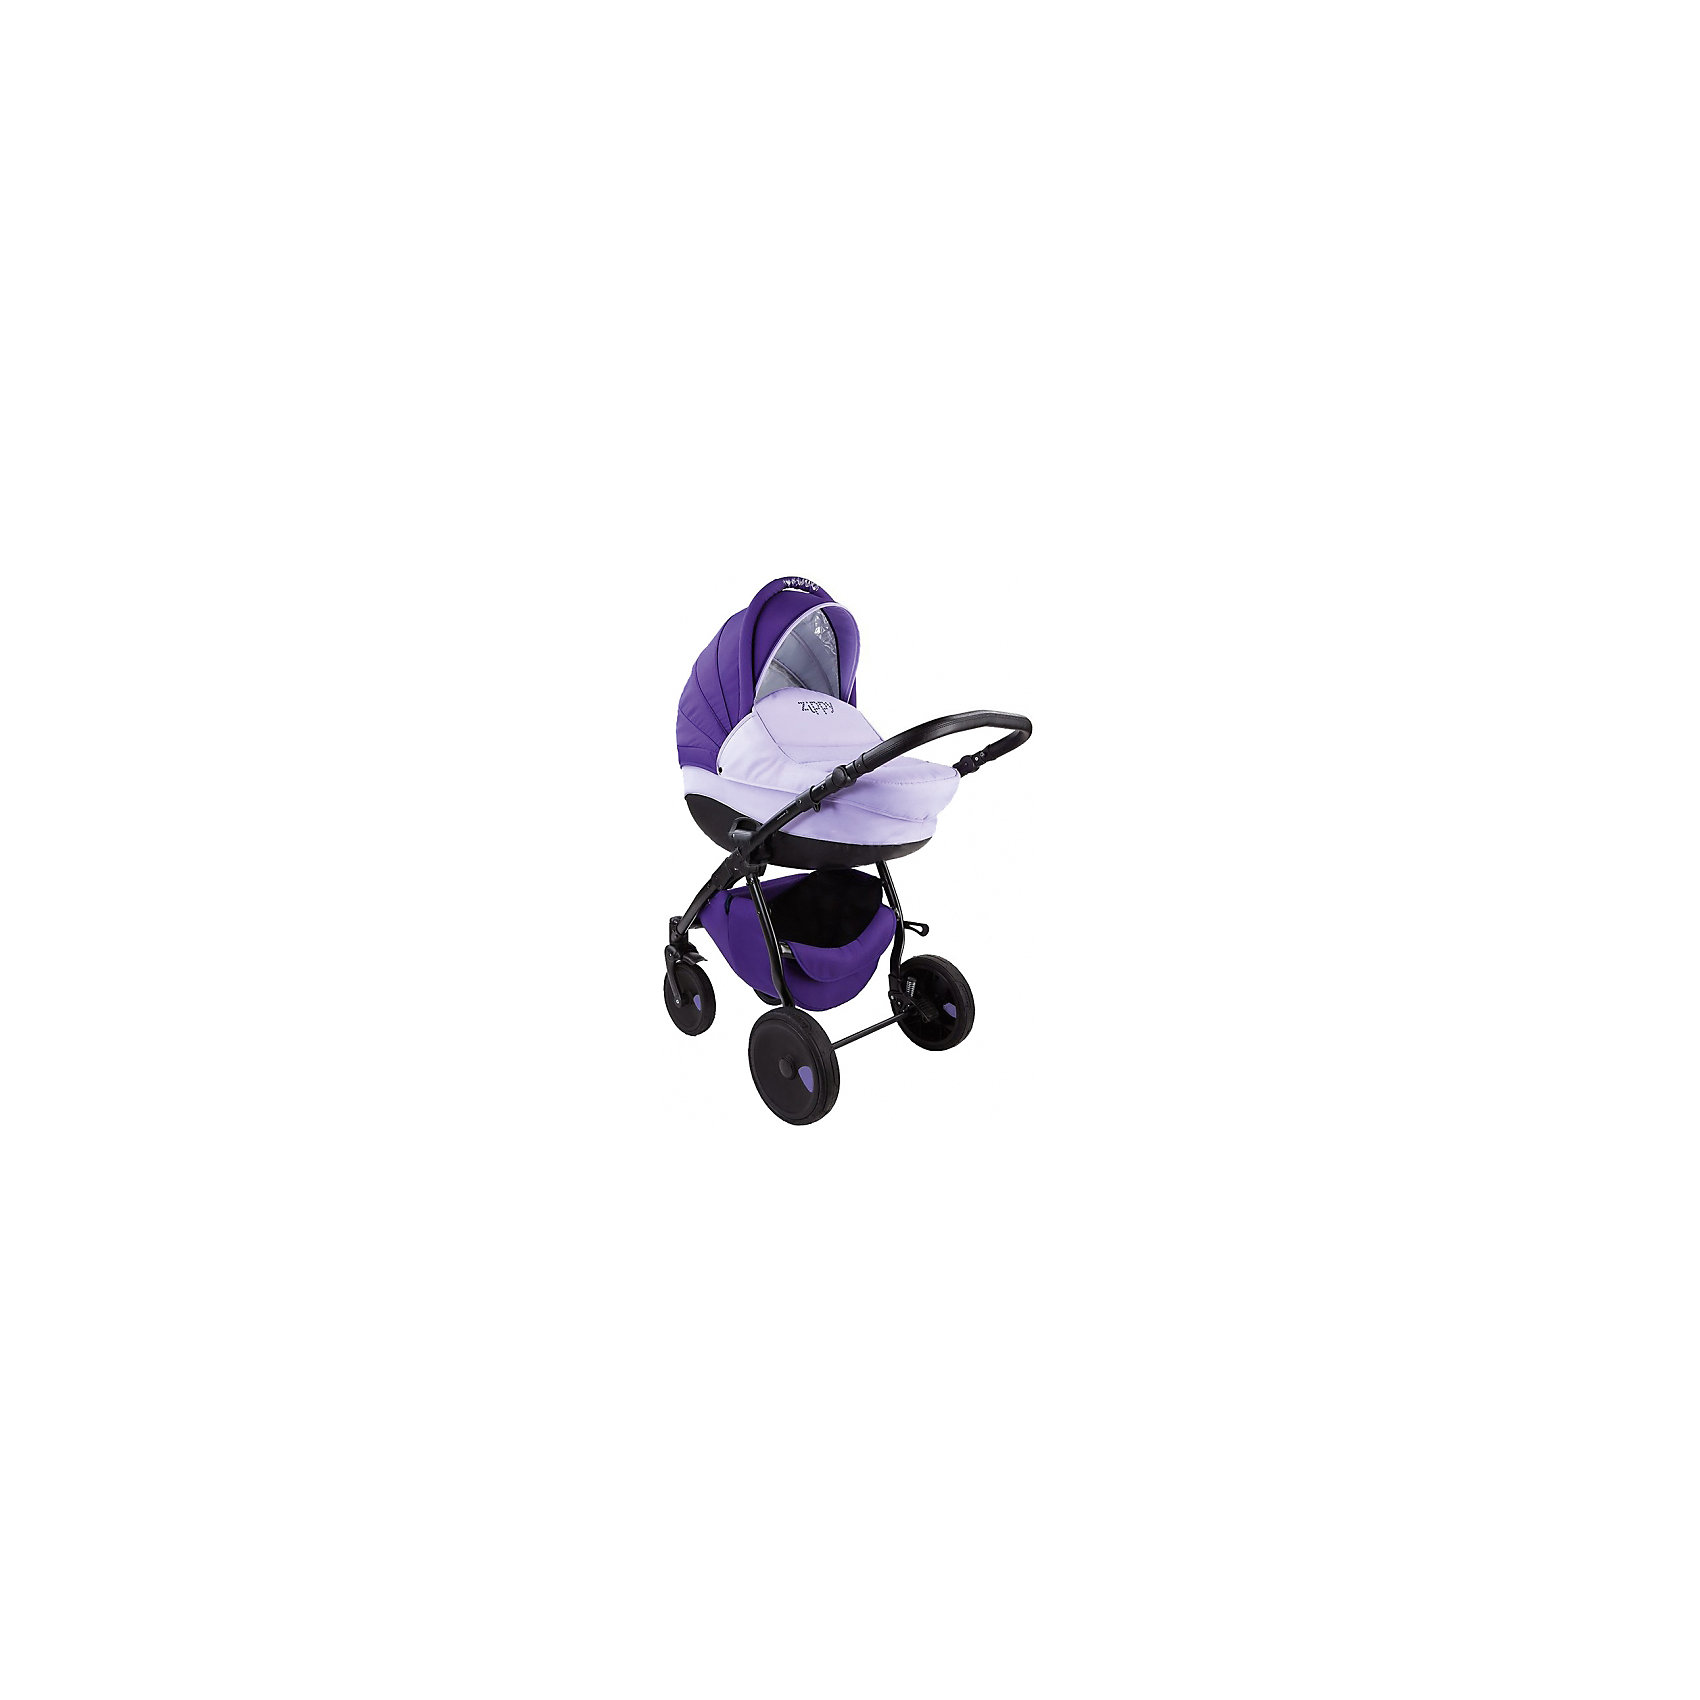 TUTIS Коляска 2 в 1 Zippy New, Tutis, темно-фиолетовый/светло-фиолетовый tutis zippy new серо красная